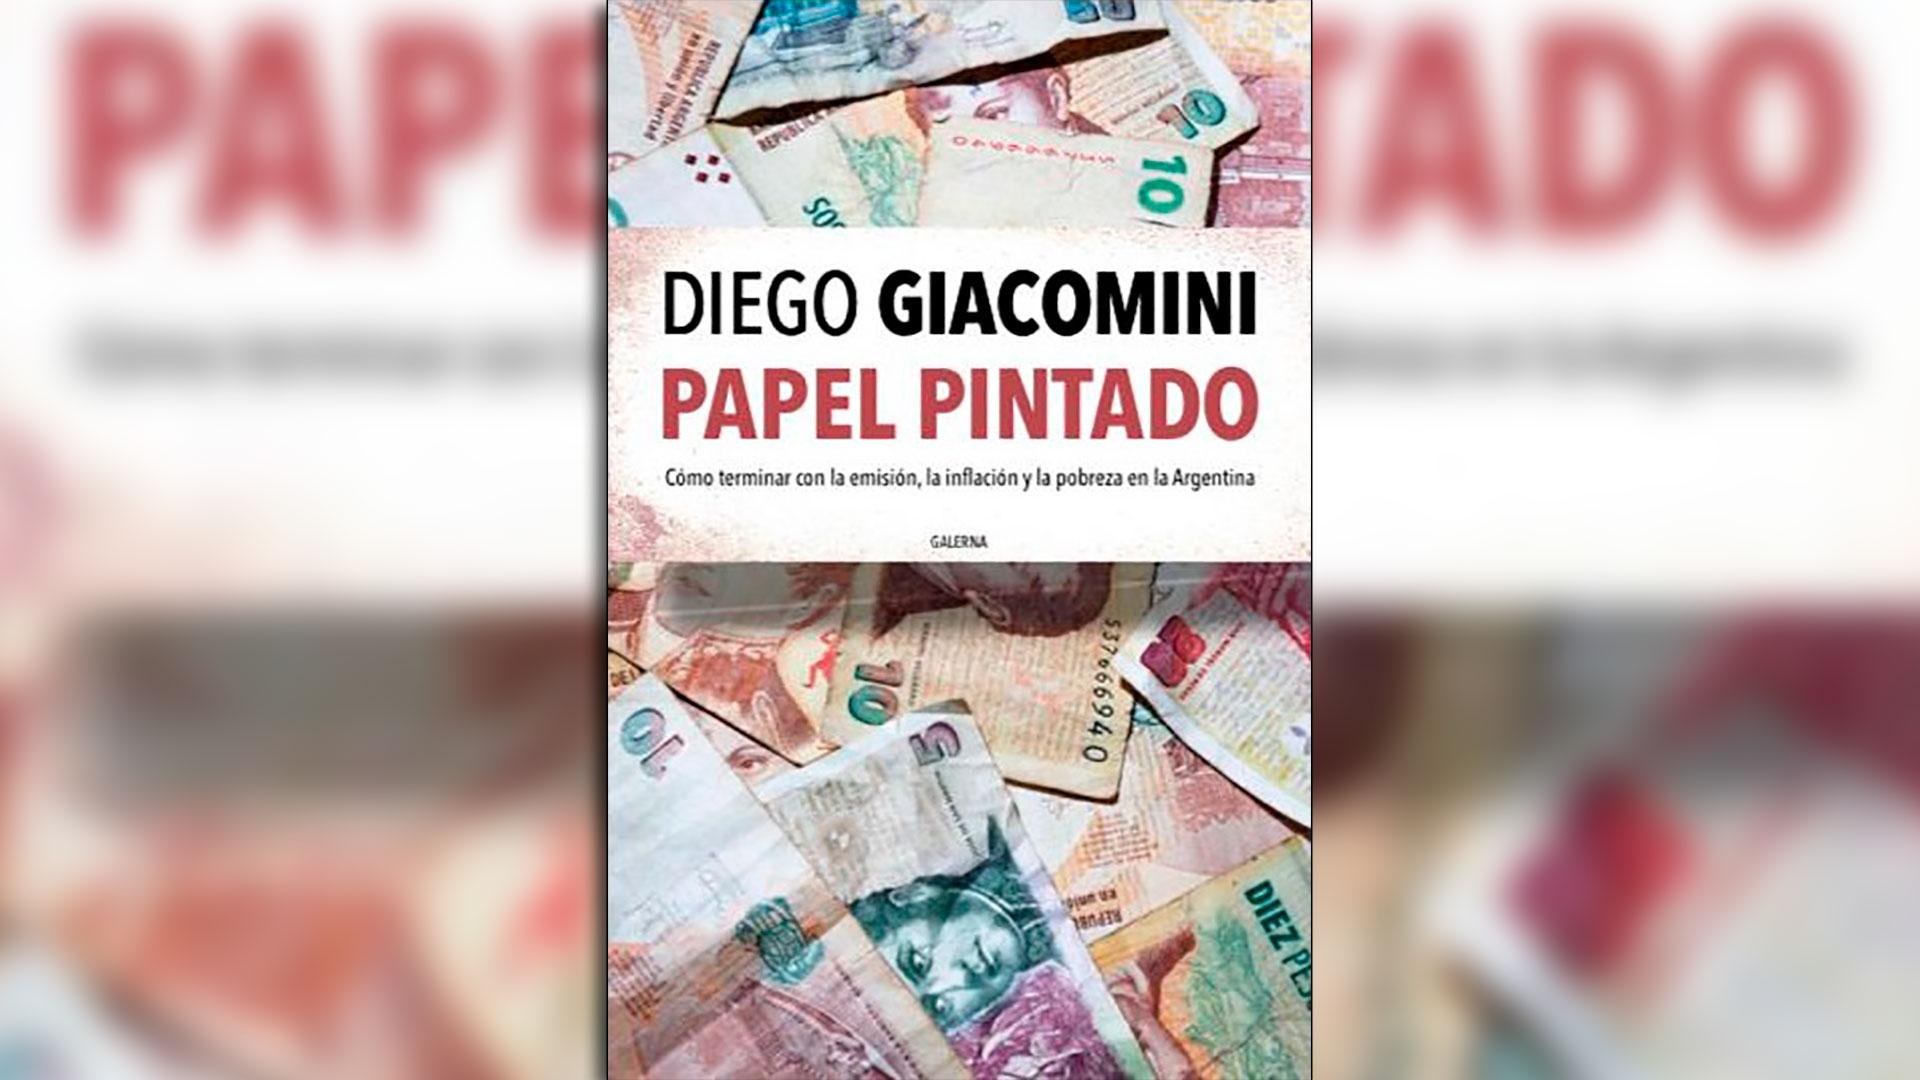 El actual sistema monetario, bancario y financiero es el culpable de las  crisis recurrentes de la Argentina y la del resto del mundo? - Infobae